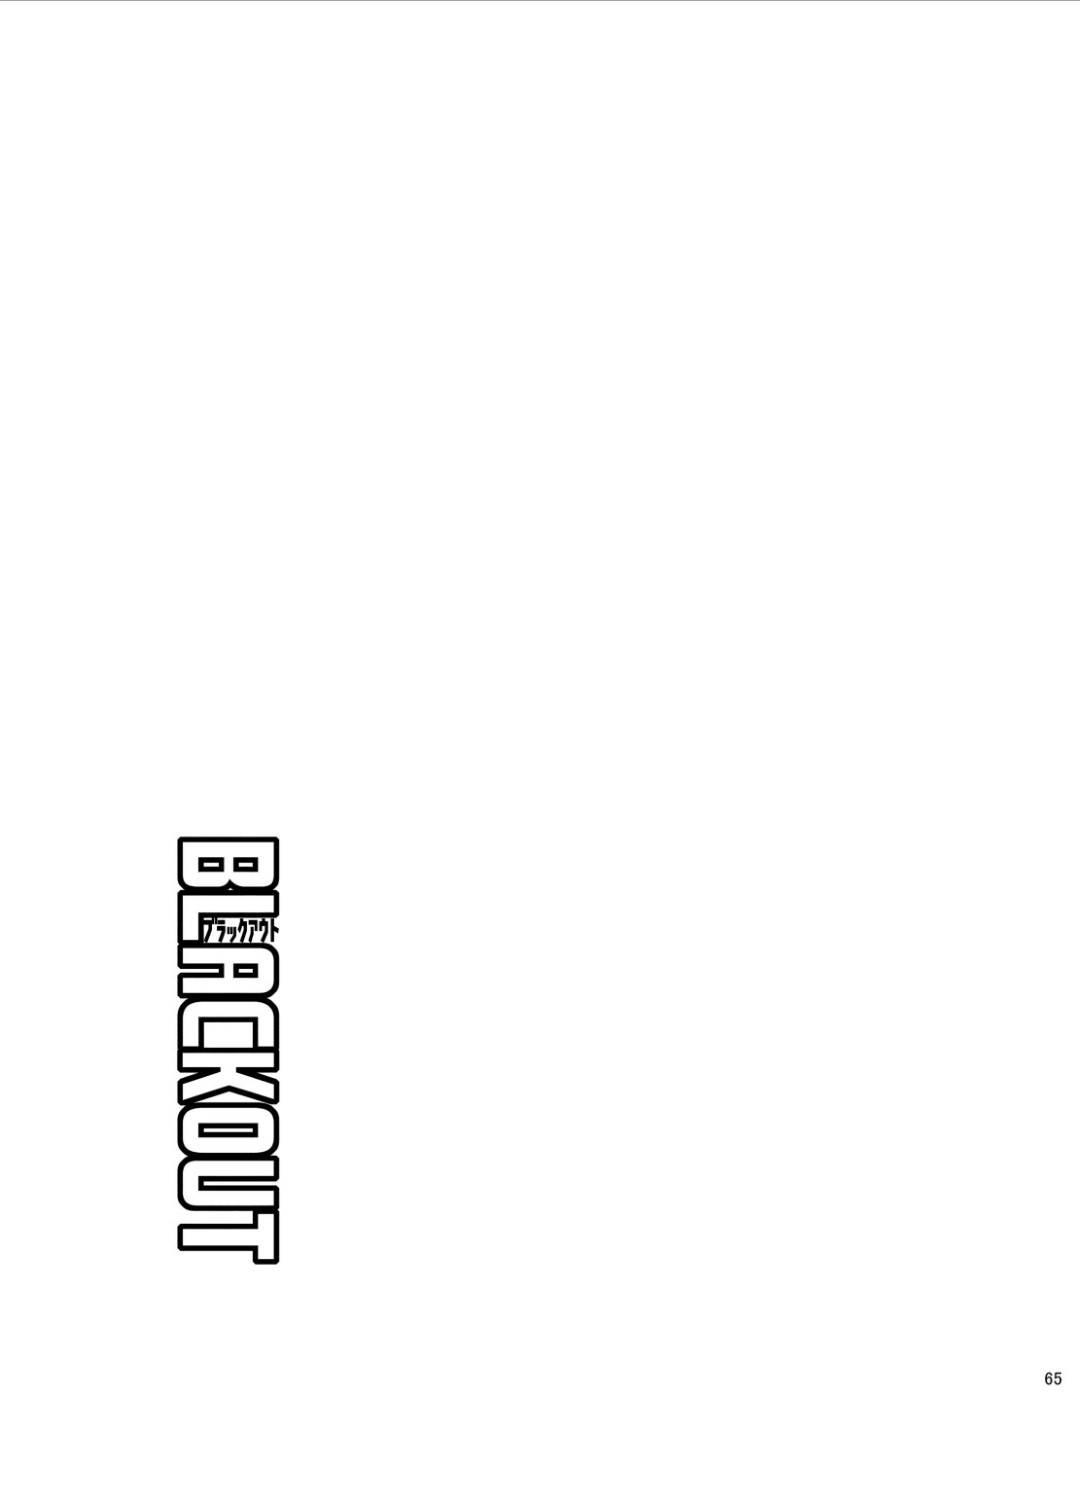 【エロ同人誌】初春を人質に取られ要求を呑むことになってしまった黒子は男達の前で20回オナニーで絶頂!さらに薬を注射され能力が使えなくなり初春と共に犯される!【Dr.VERMILION (ペテン師):ダークサイドニルヴァーナ/とある科学の超電磁砲】